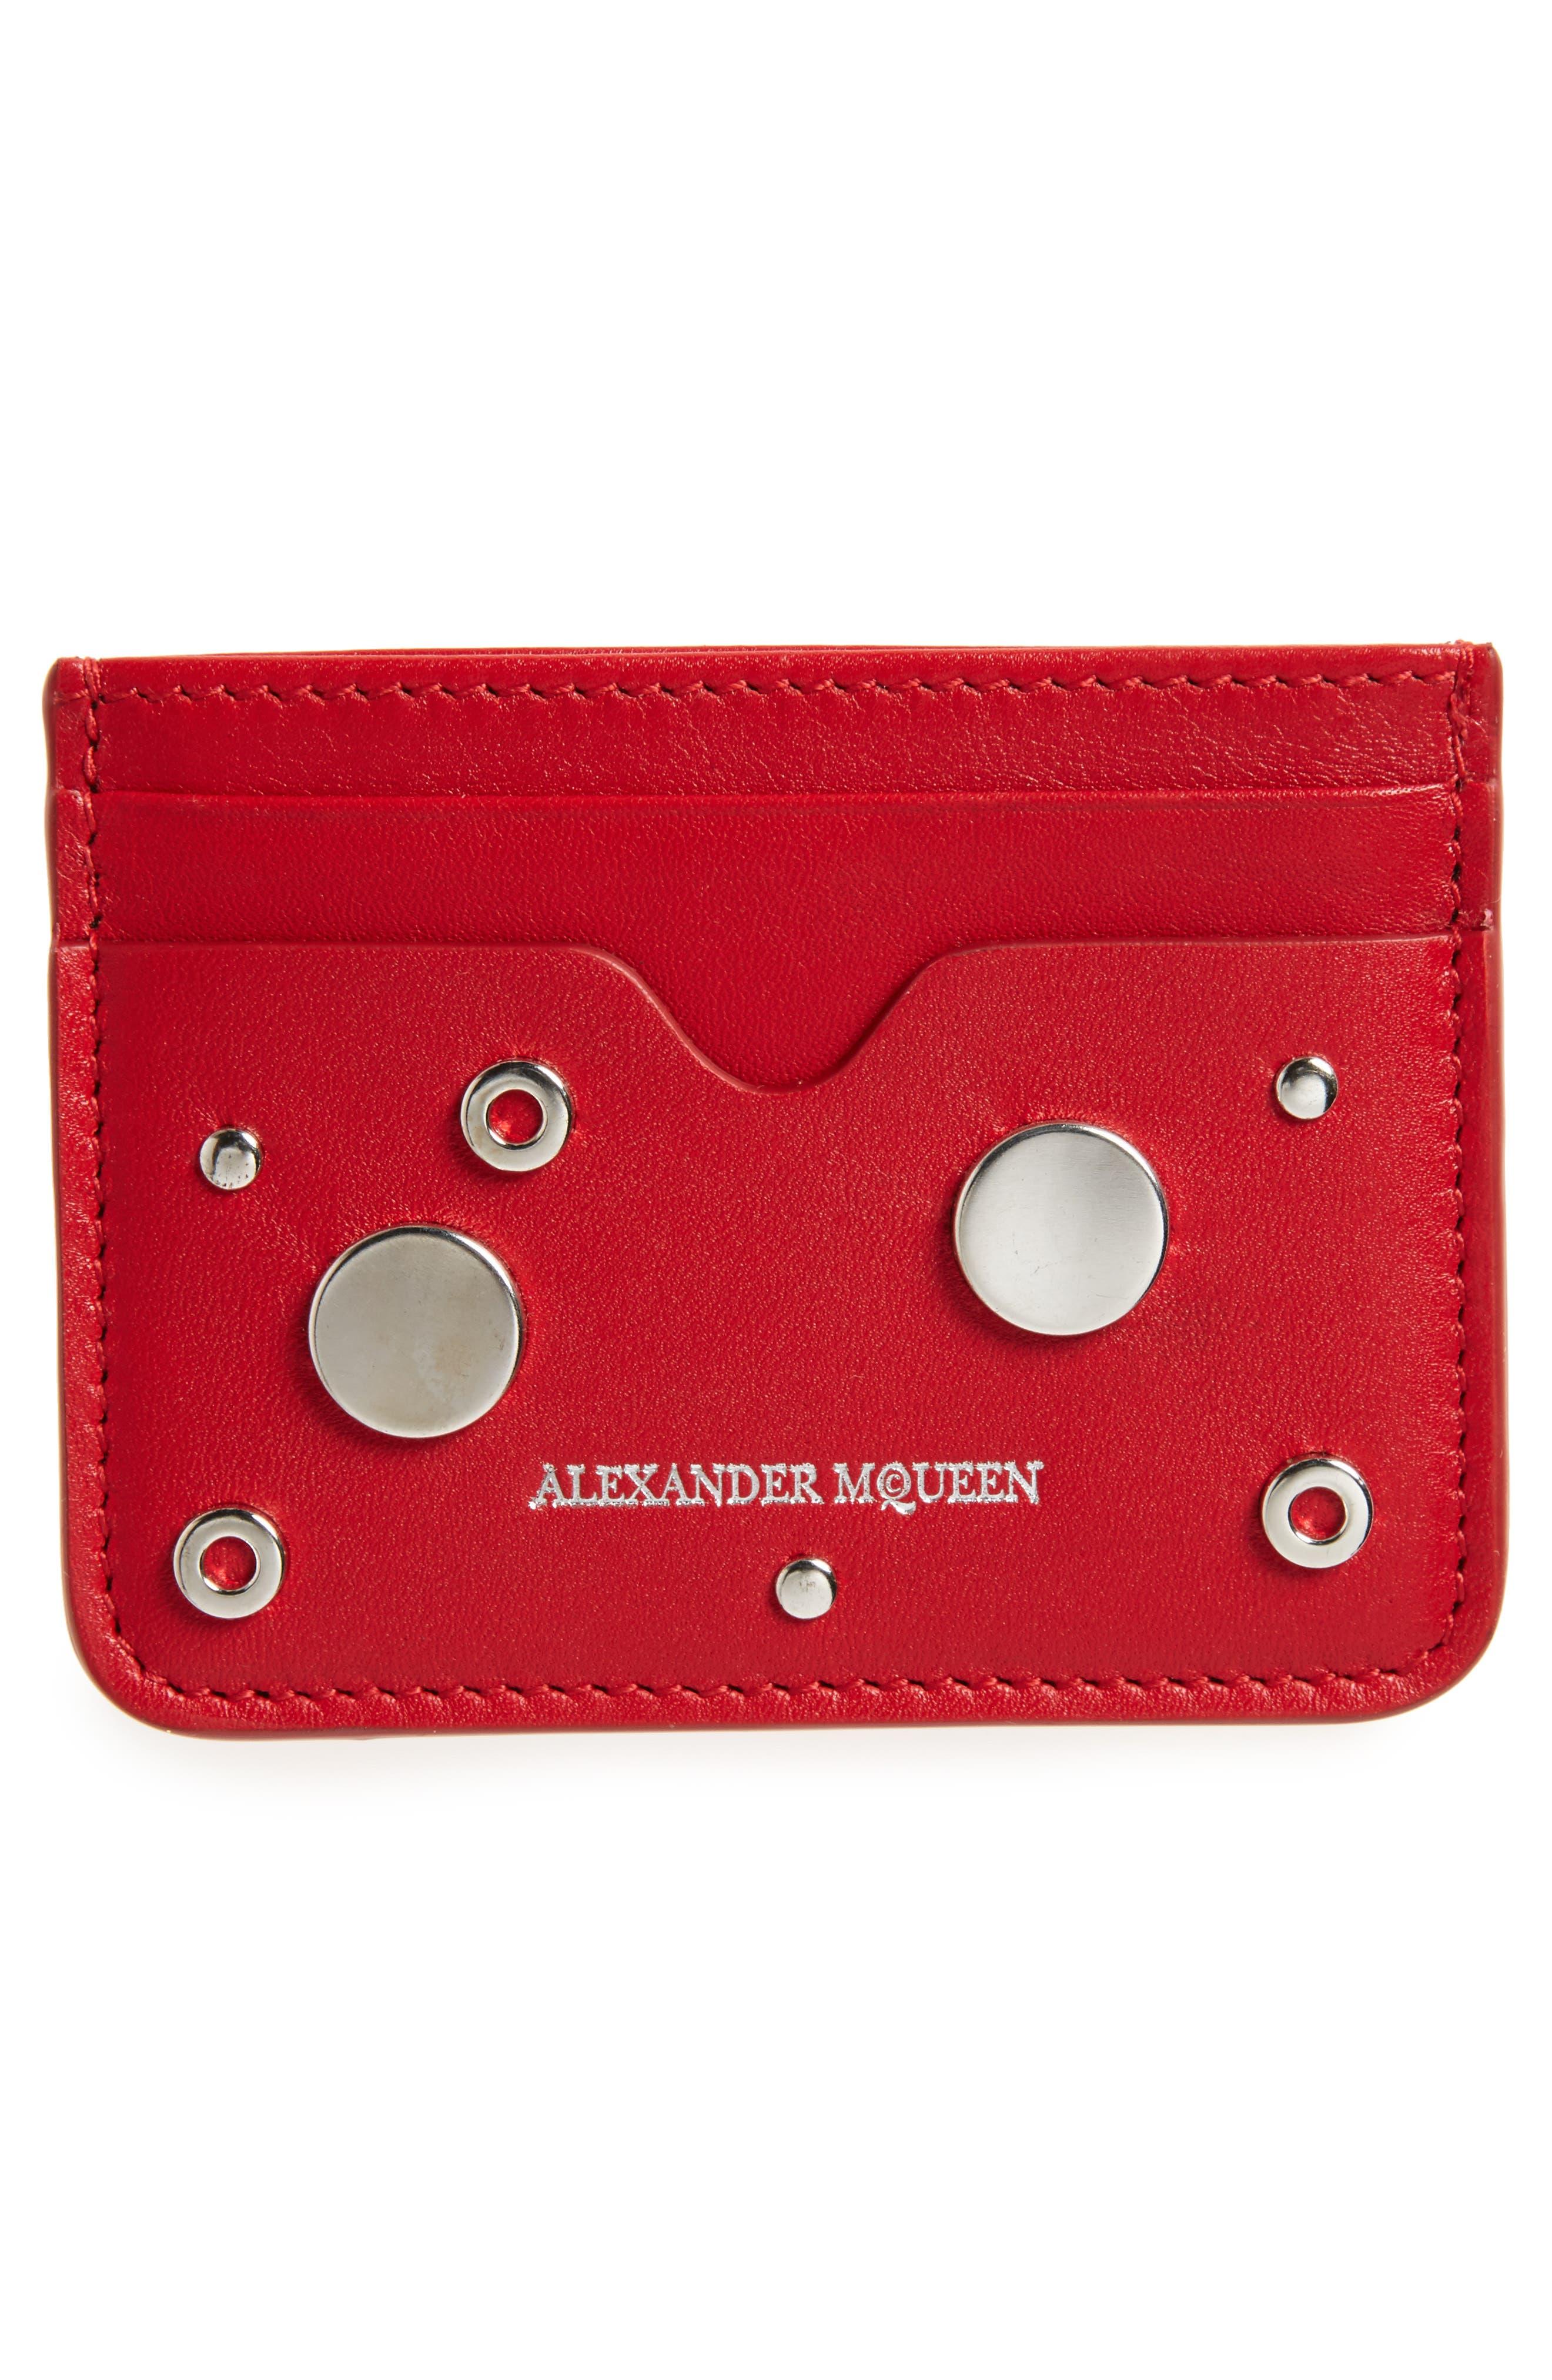 Grommet & Stud Calfskin Card Holder,                             Alternate thumbnail 2, color,                             649